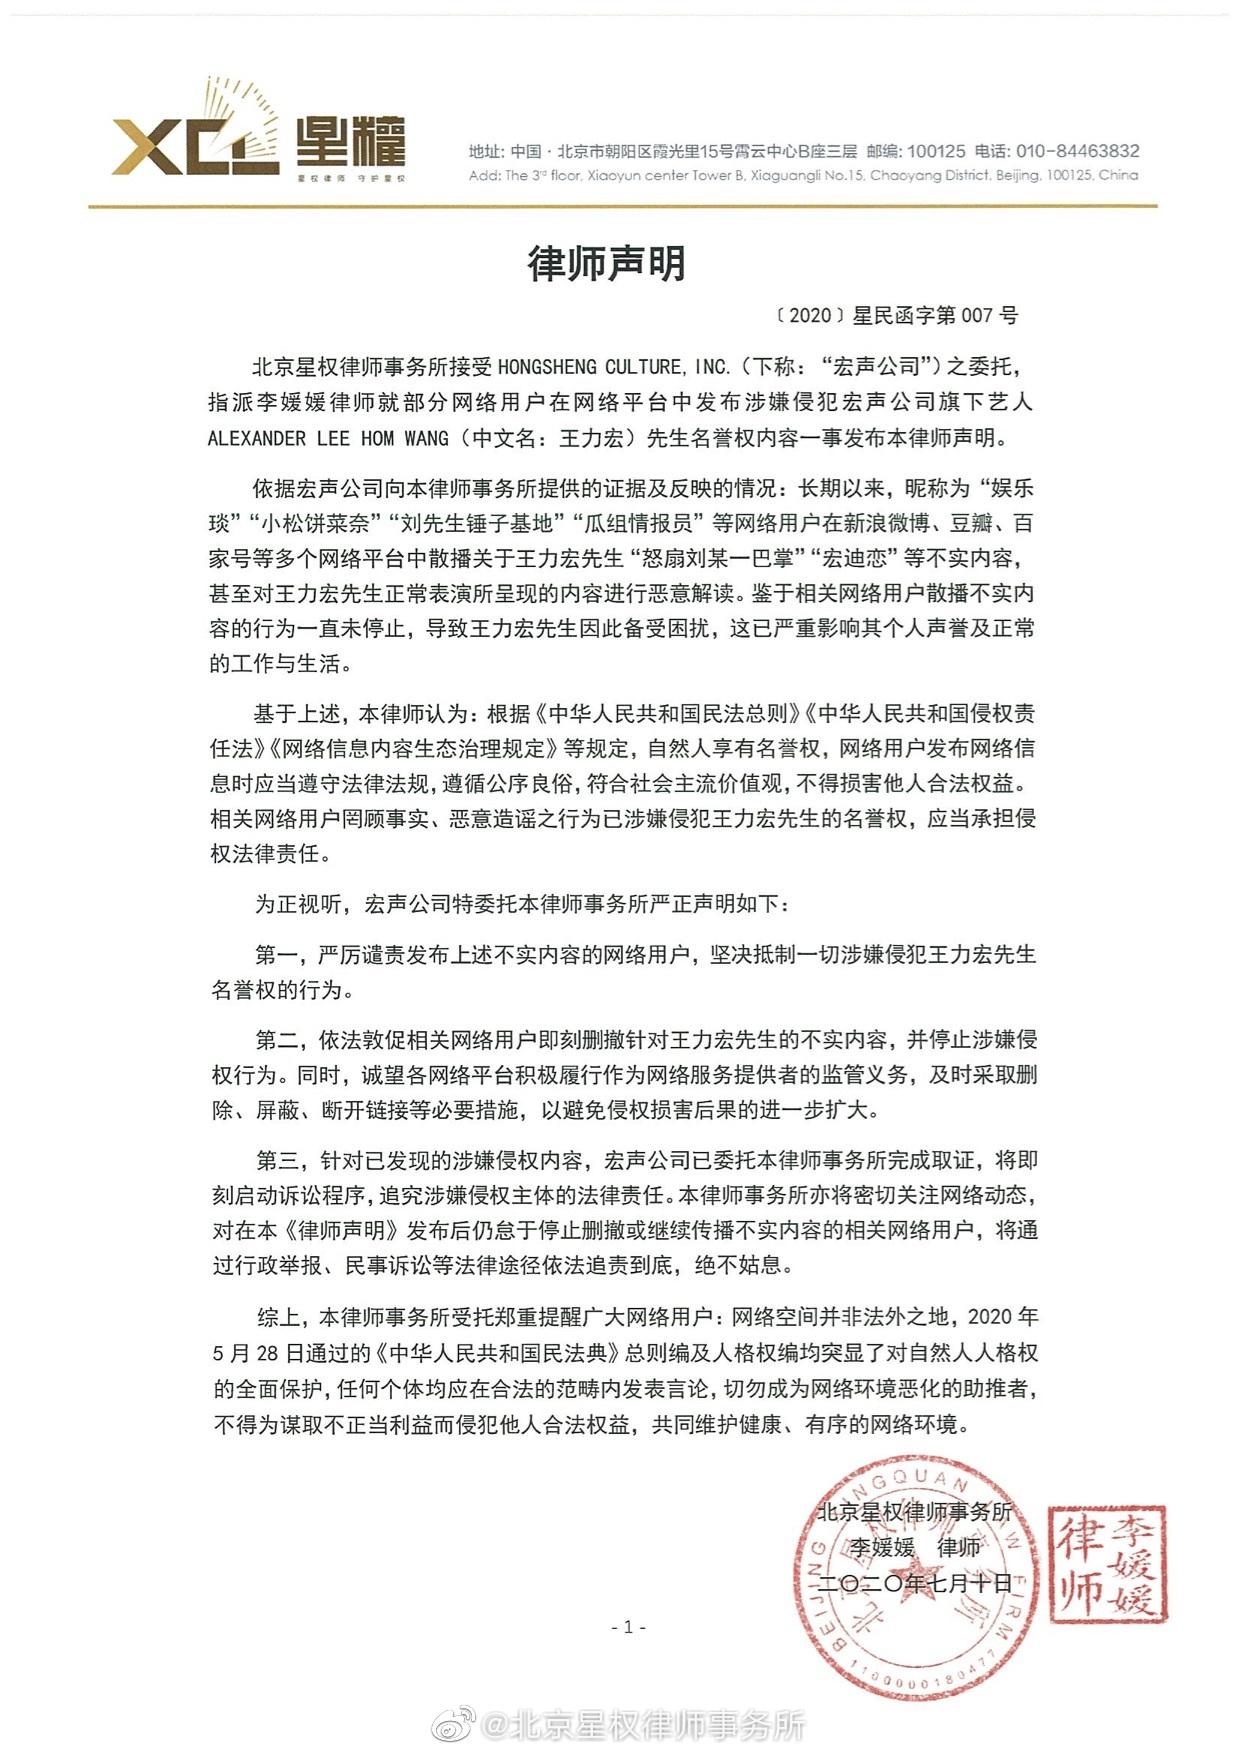 王力宏方否认宏迪恋 谴责不实言论将启动诉讼程序